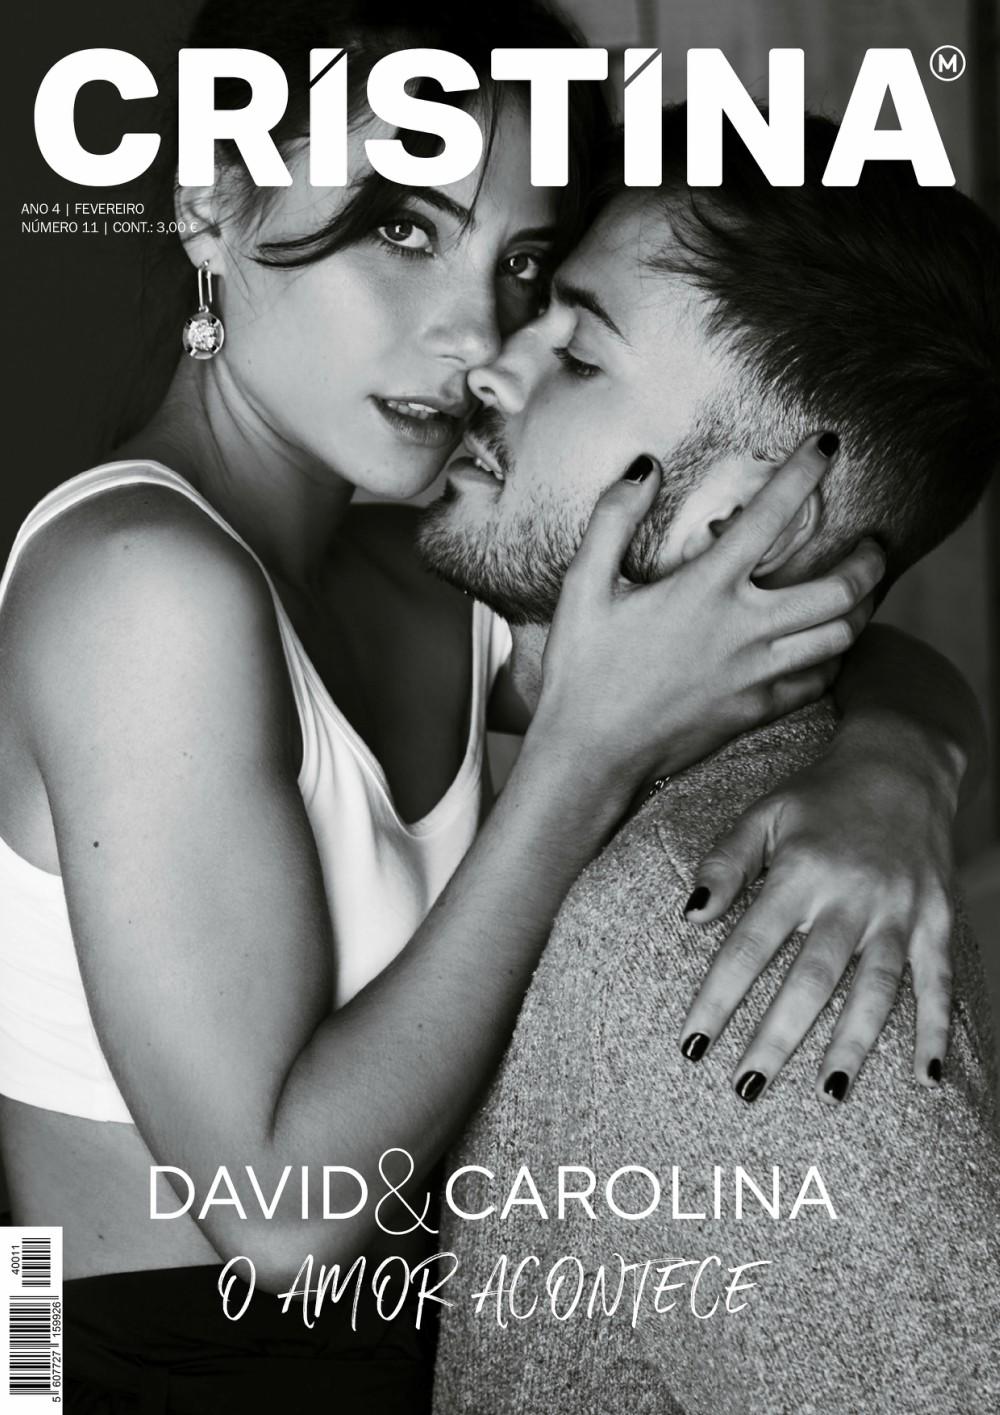 Revista Cristina celebra O Amor com a actriz BLAST Carolina Carvalho e David Carreira